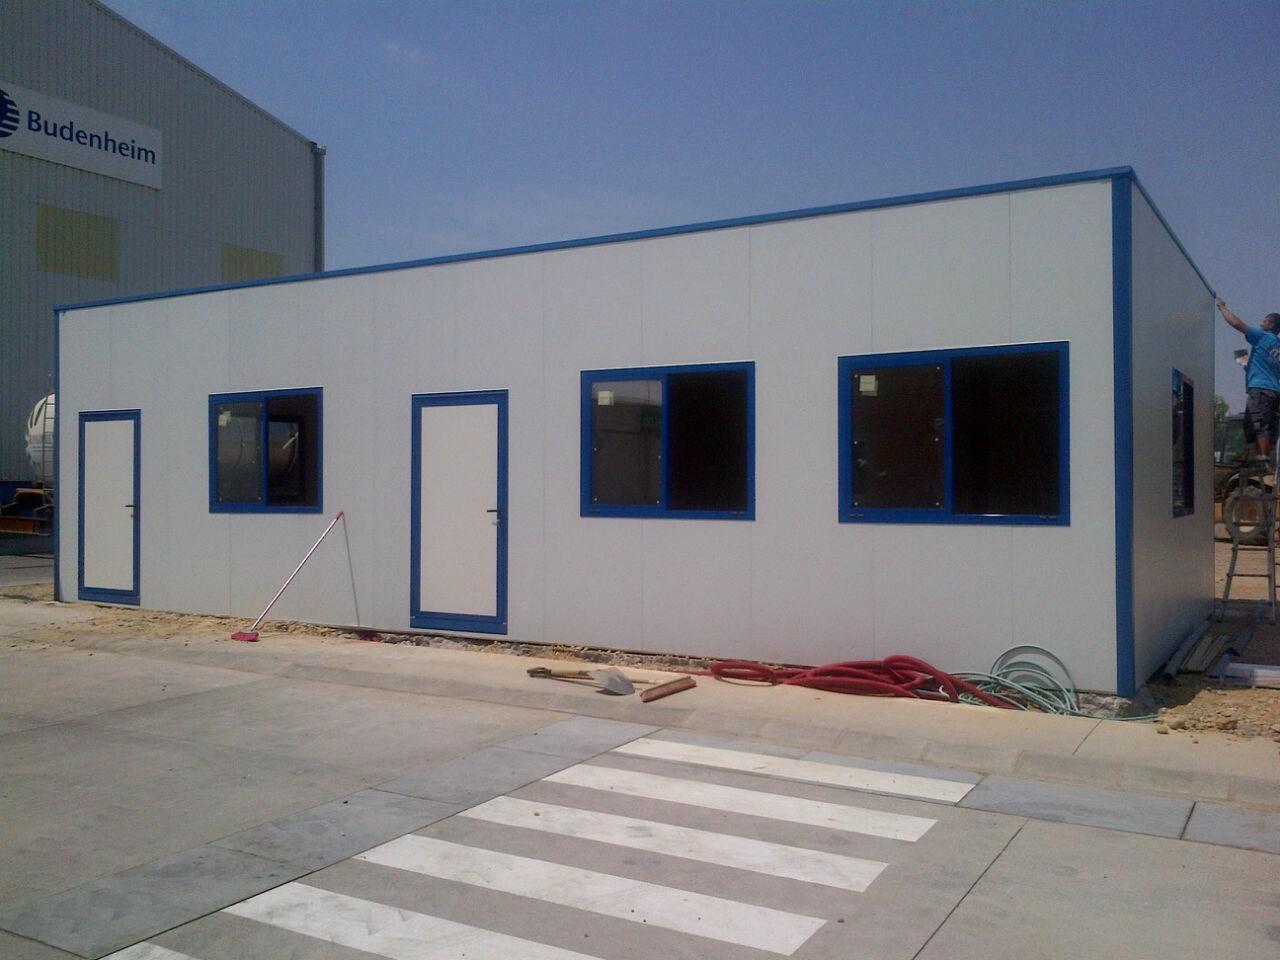 Oficinas modulares con estructura oculta prefabri for Construccion de oficinas modulares